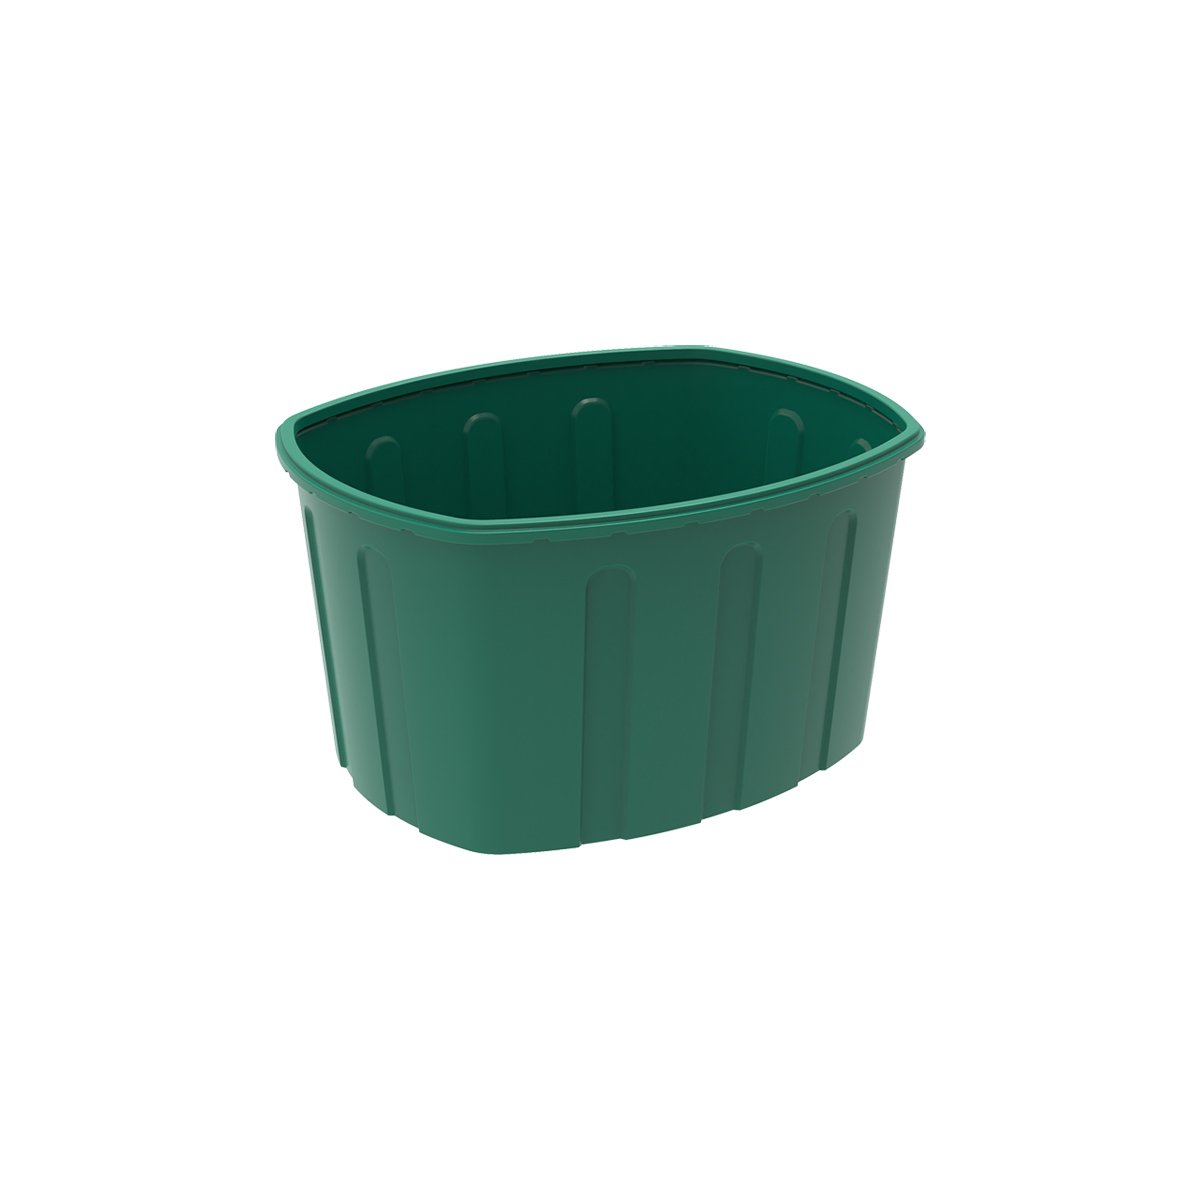 Пластиковая ванна 400 литров зеленая